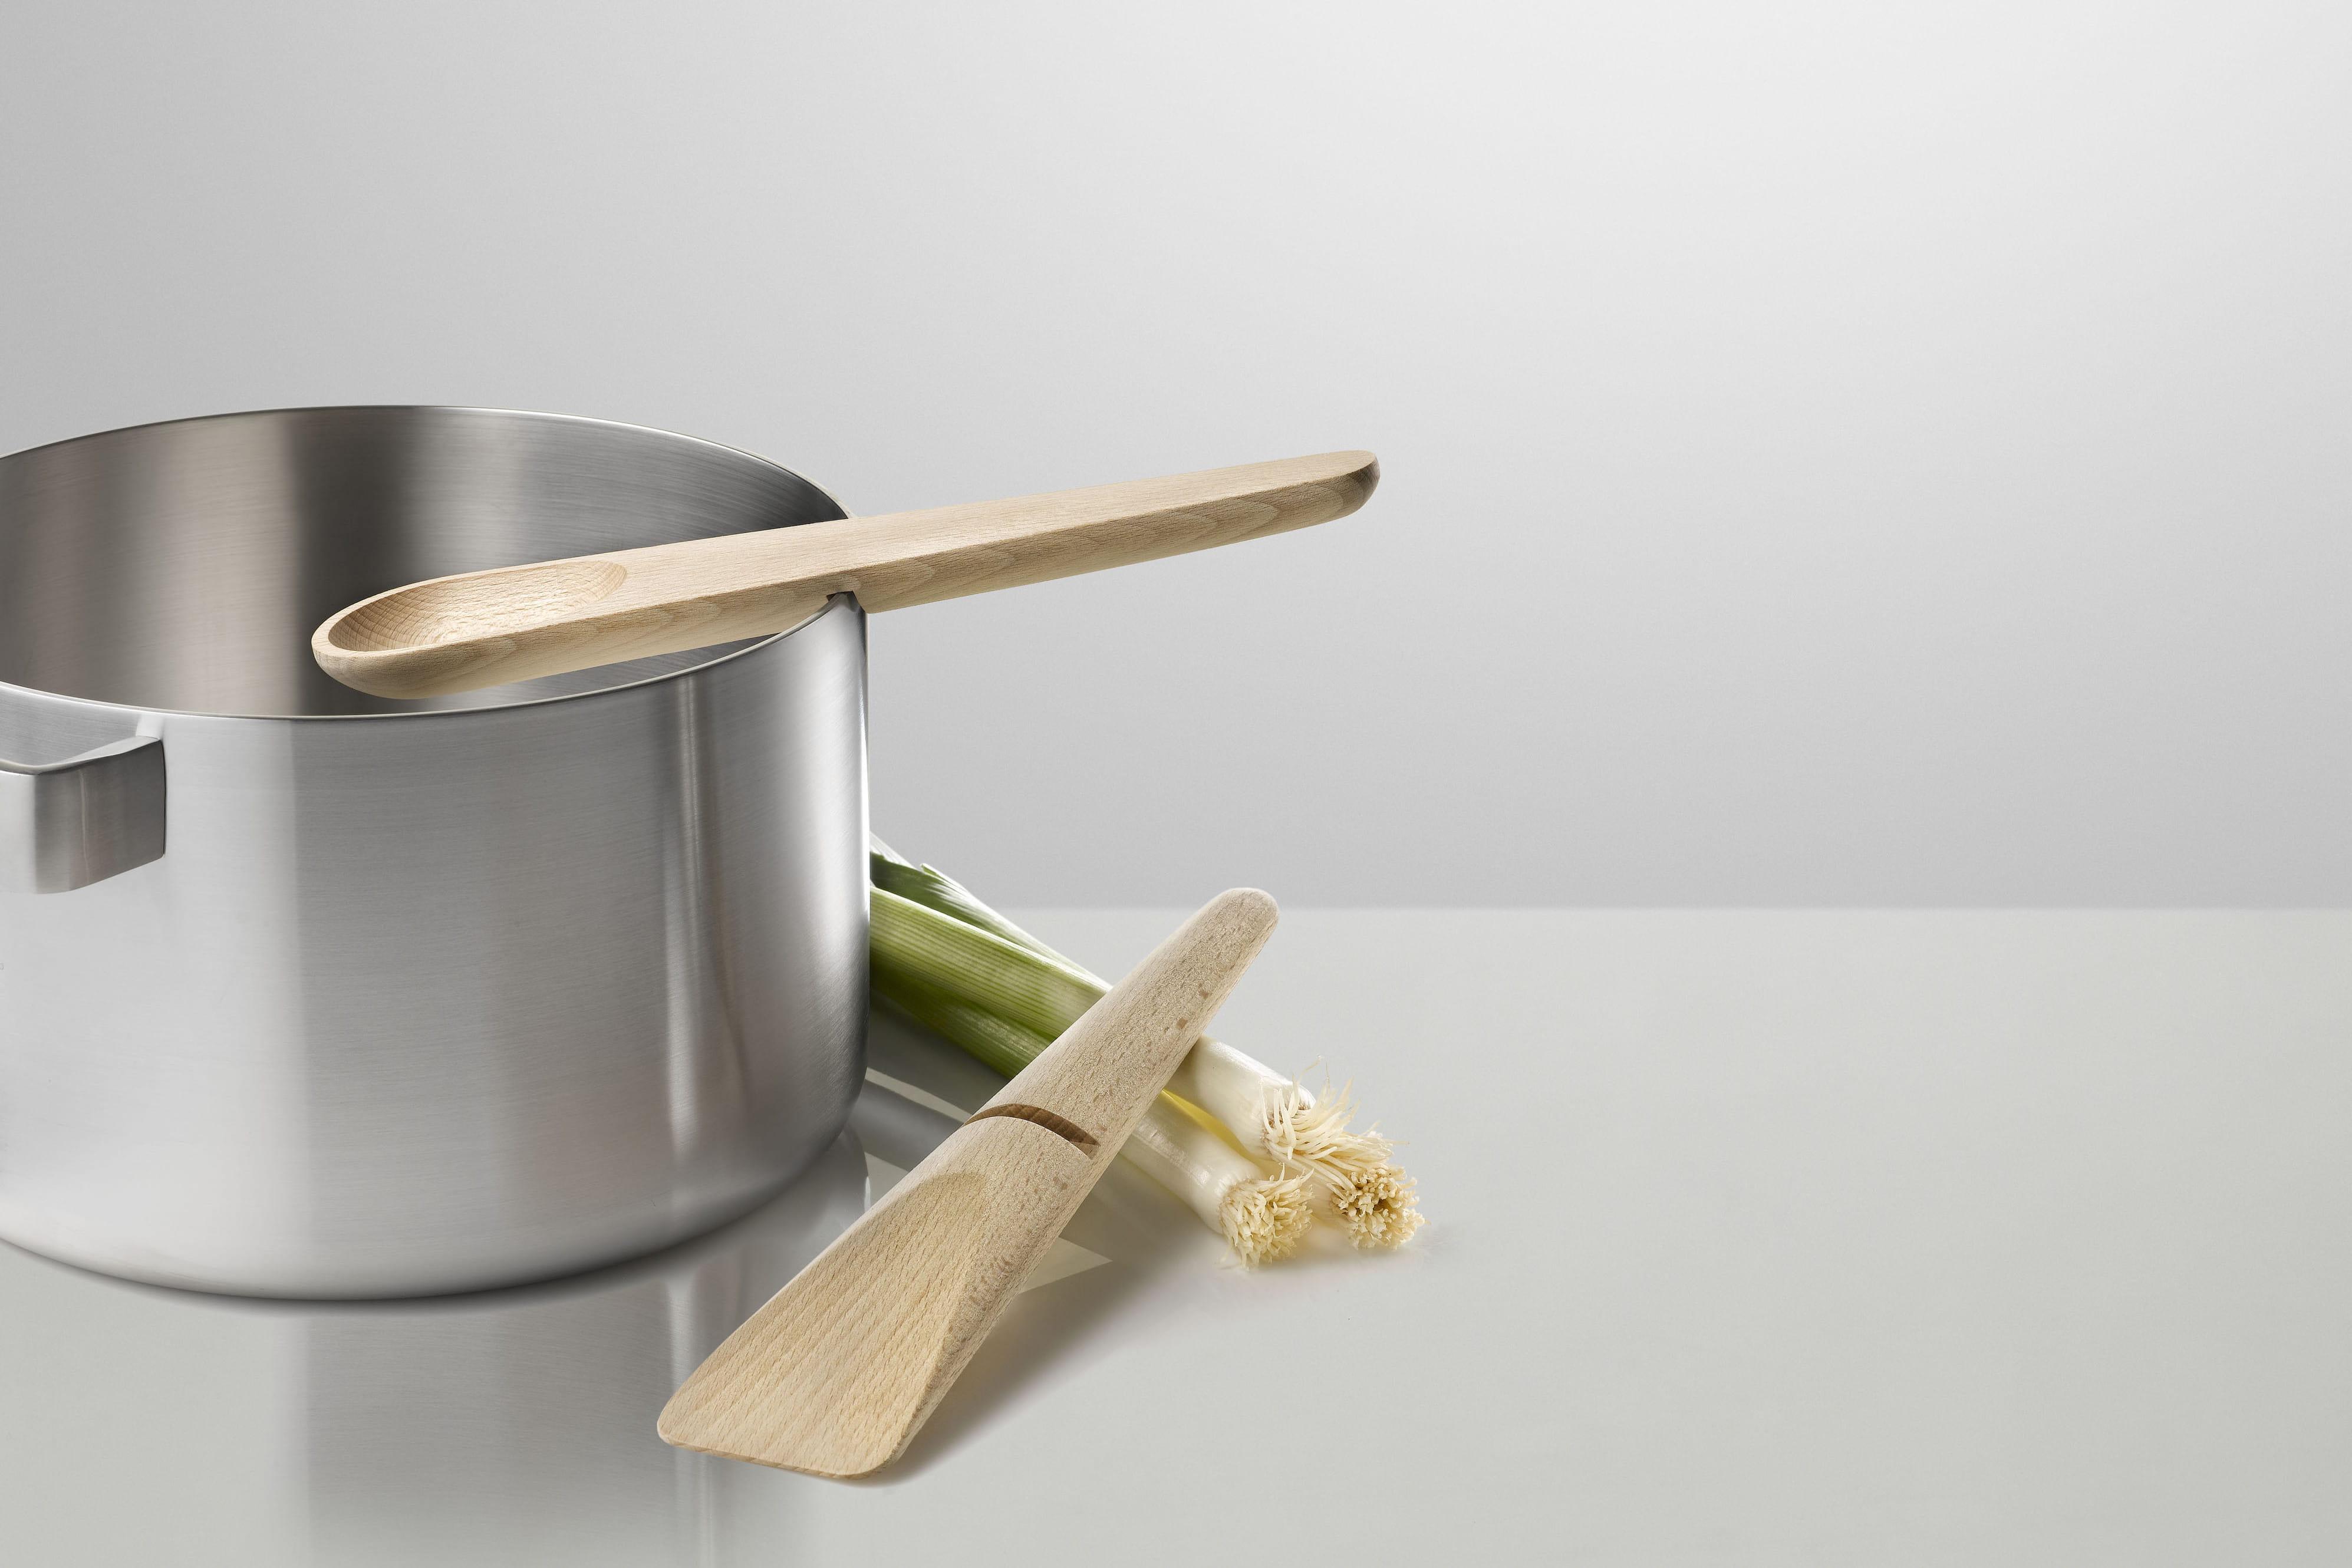 Modele De Cuisine Moderne Lapeyre : ustensiles de cuisine hang around des ustensiles à l ancienne